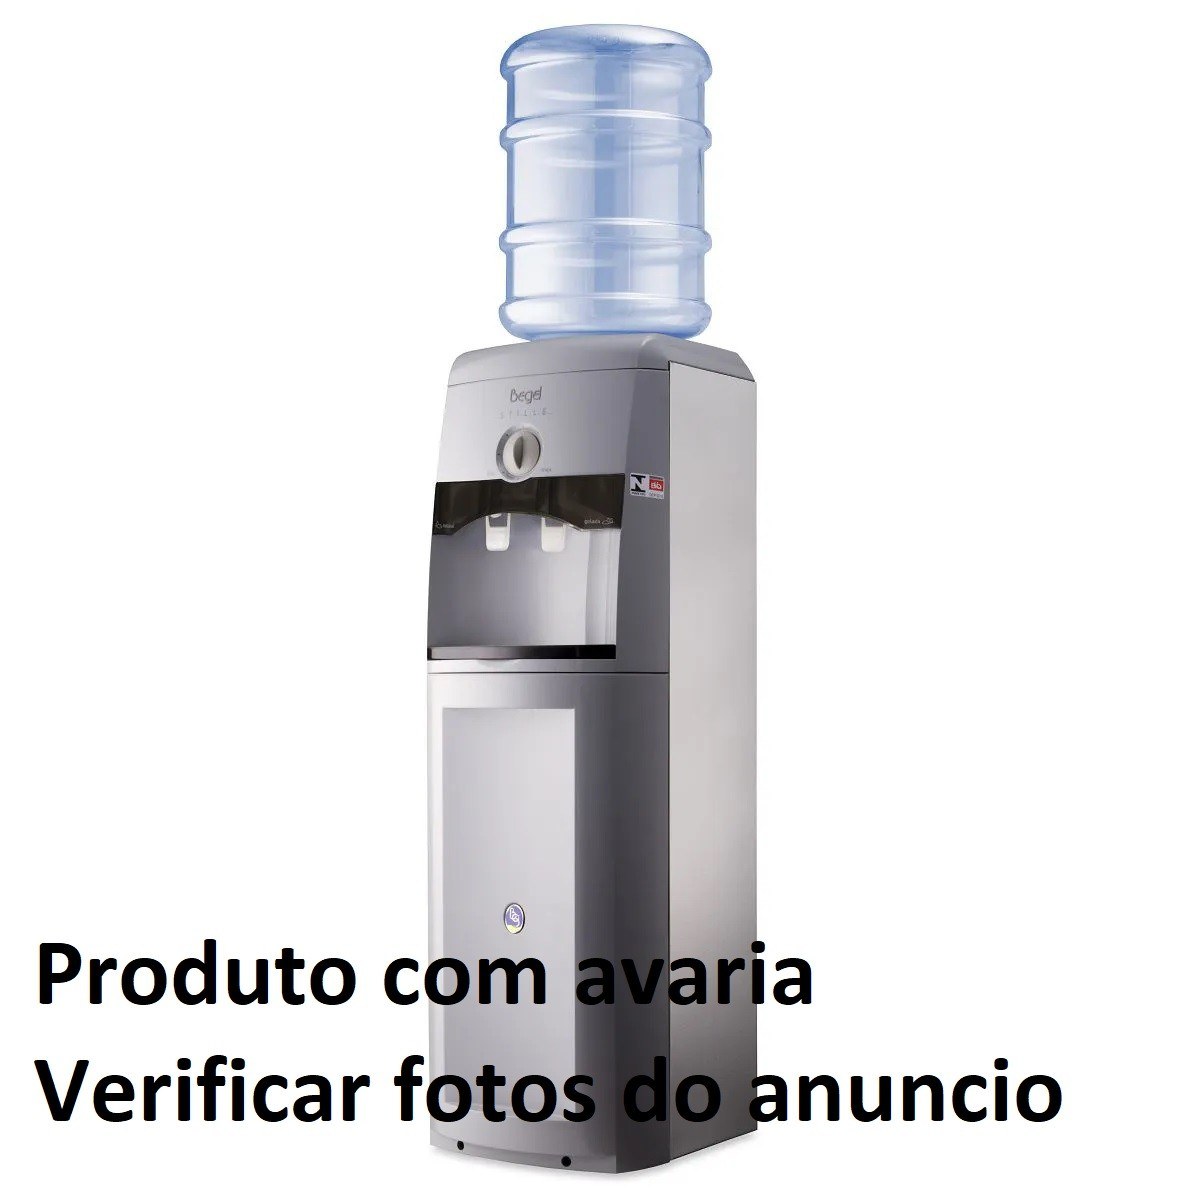 Bebedouro de Coluna Begel - STILLE MASTER INOX - AVARIADO